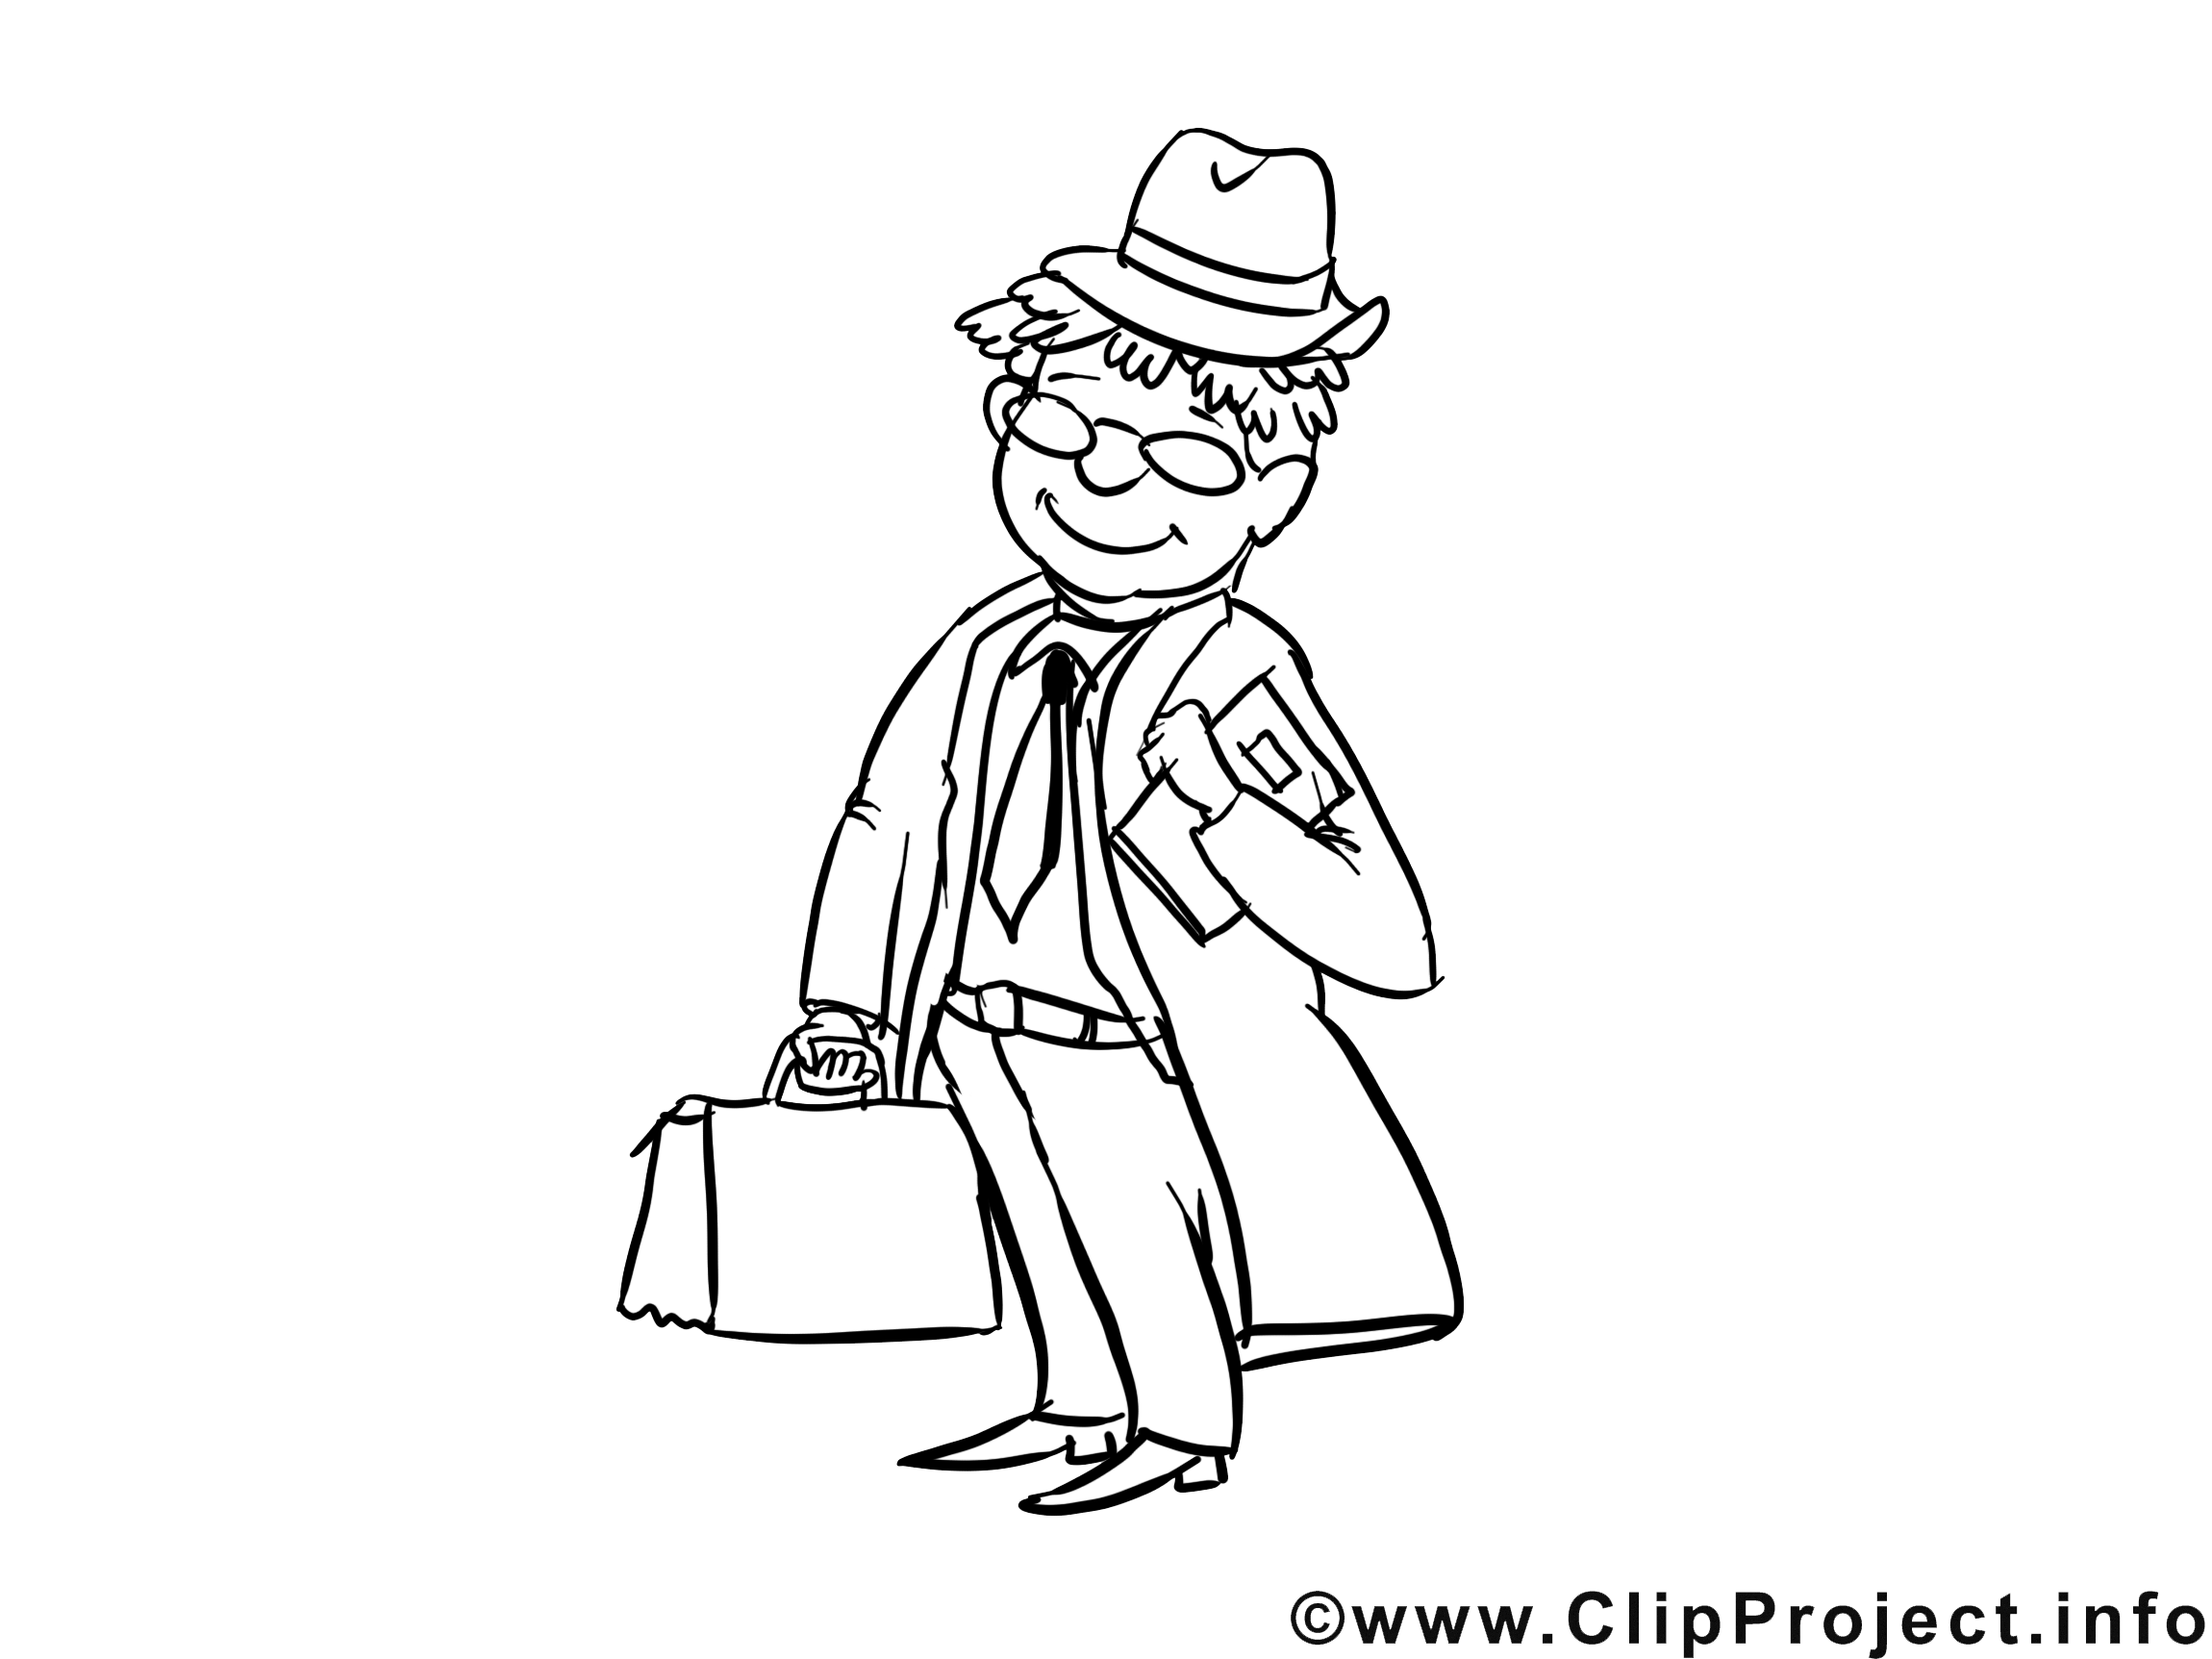 Commis voyageur dessin m tiers gratuits imprimer - Voyageur dessin ...